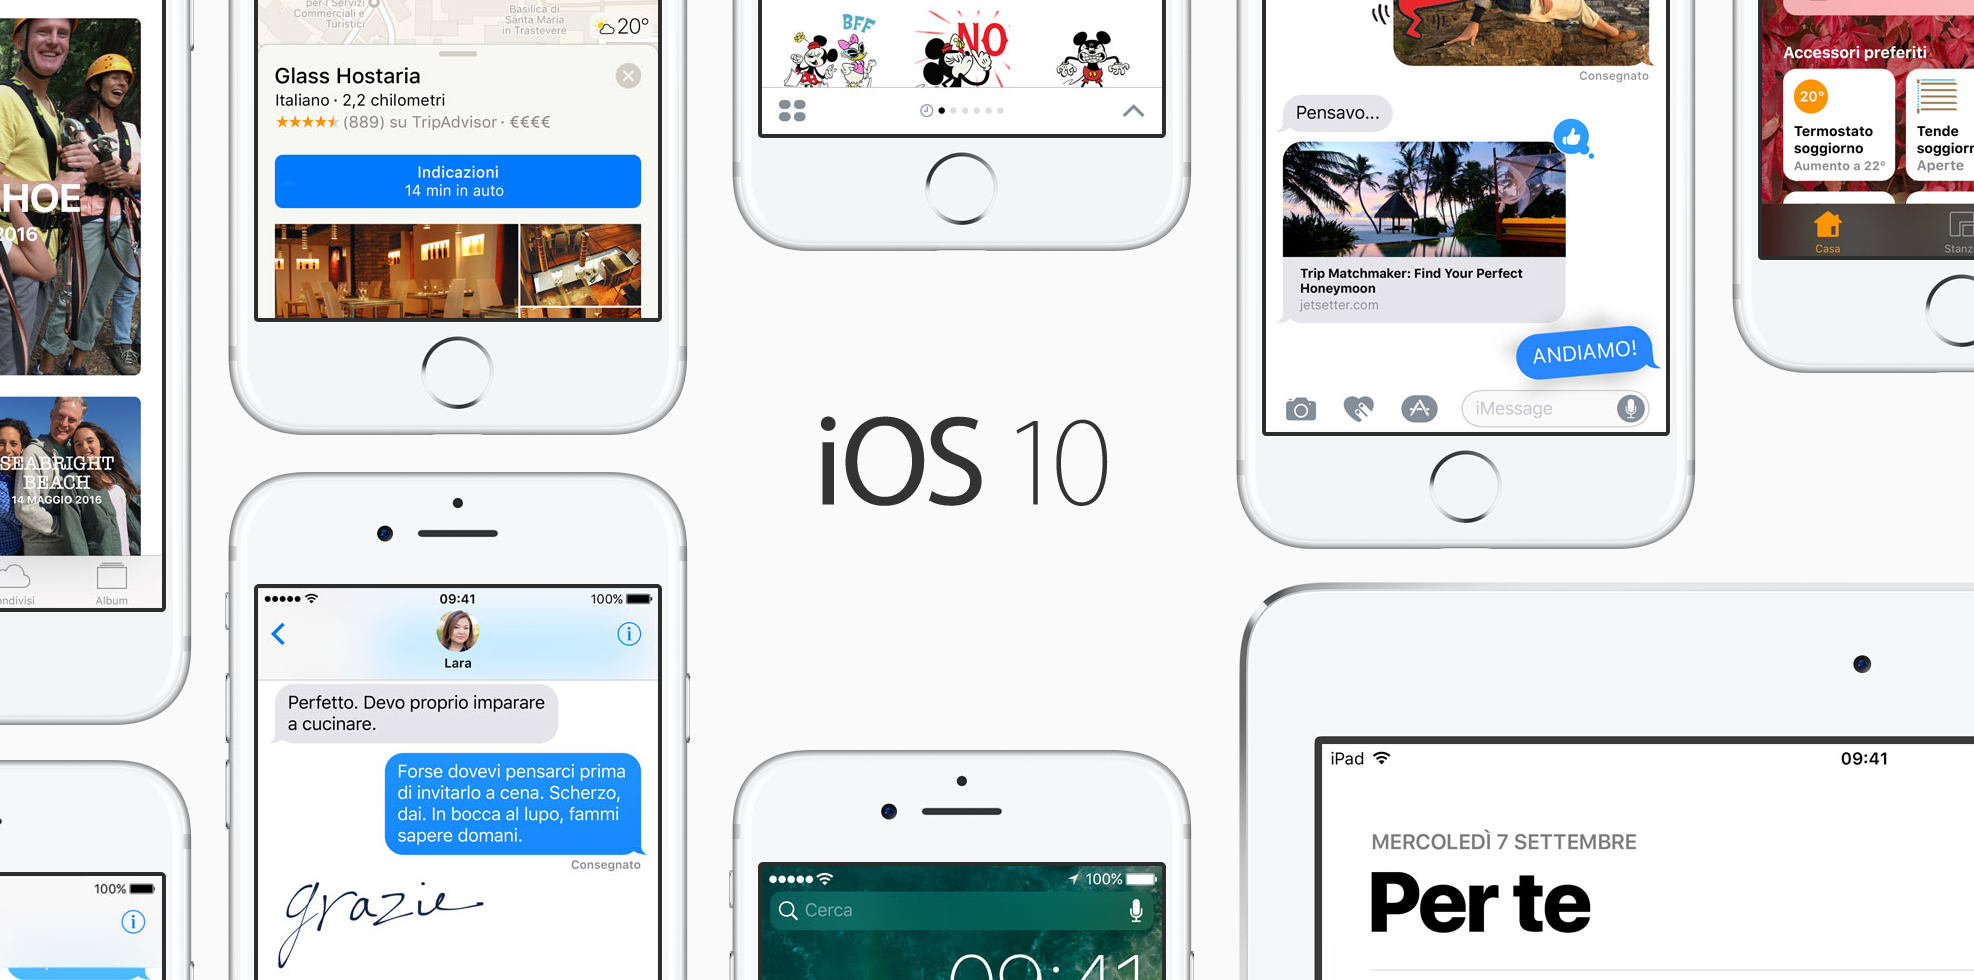 Aggiornamento iOS 10: le principali novità